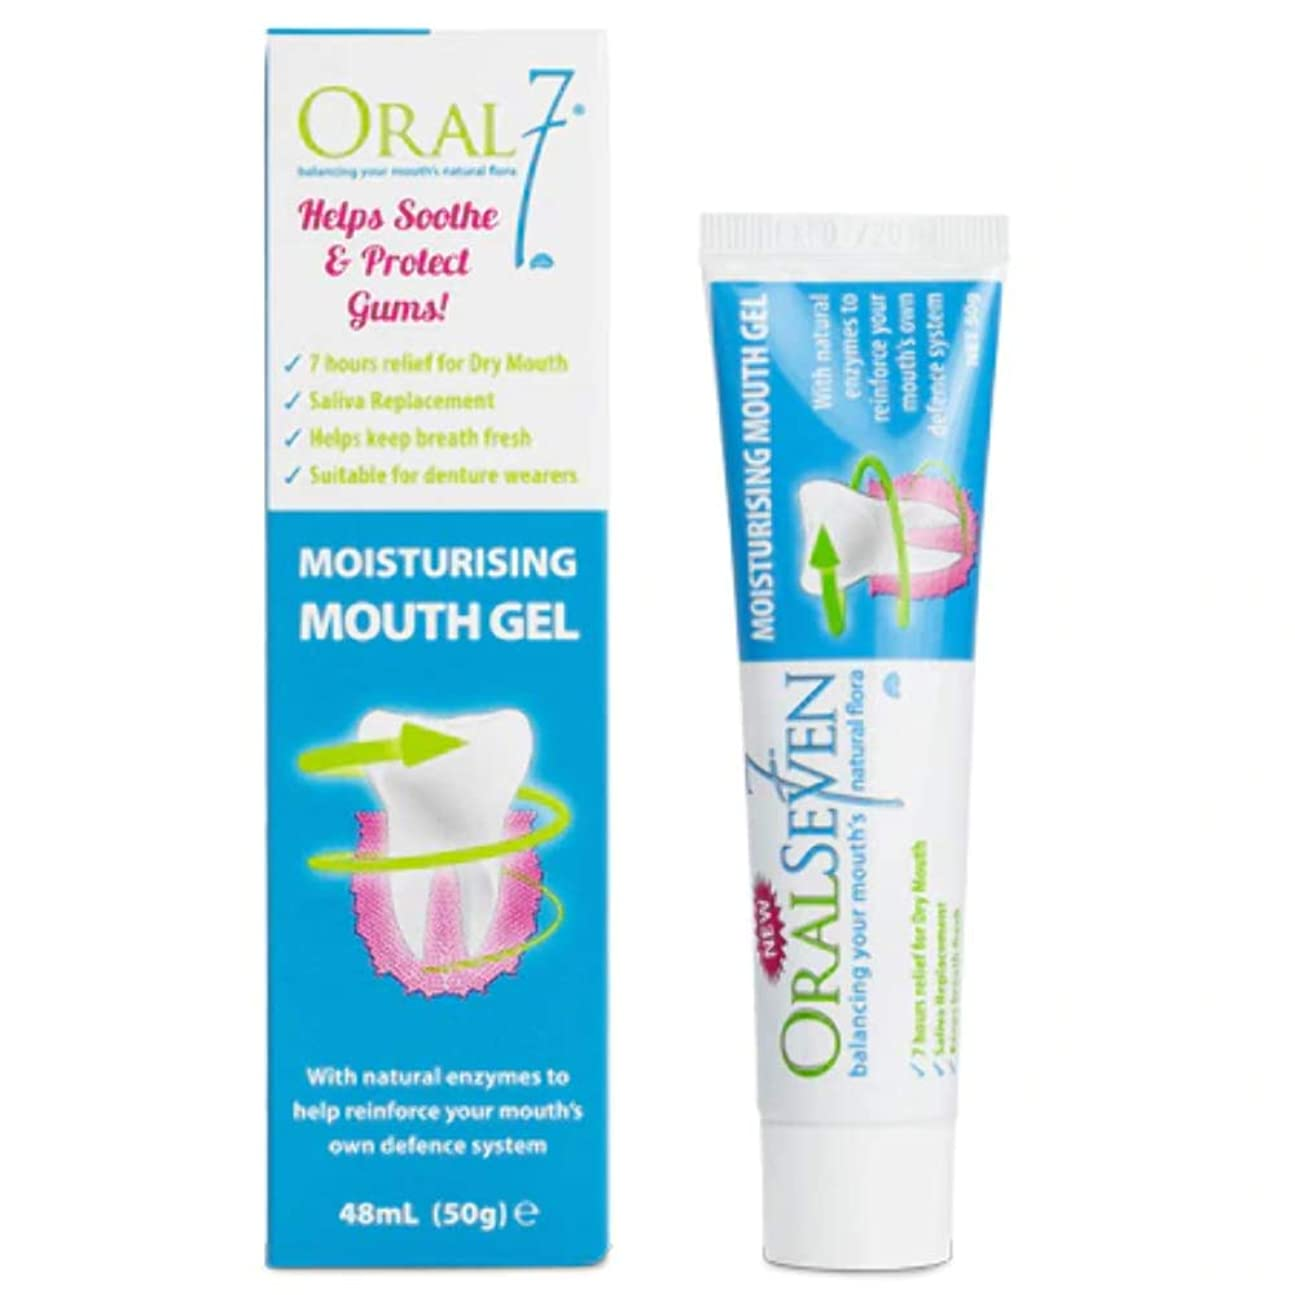 遊びます夏スプリットオーラル7 マウスジェル 50g 4種の天然酵素配合!保湿効果は最大7時間!お口の乾燥対策に 口腔保湿ジェル 口臭予防 口腔ケア